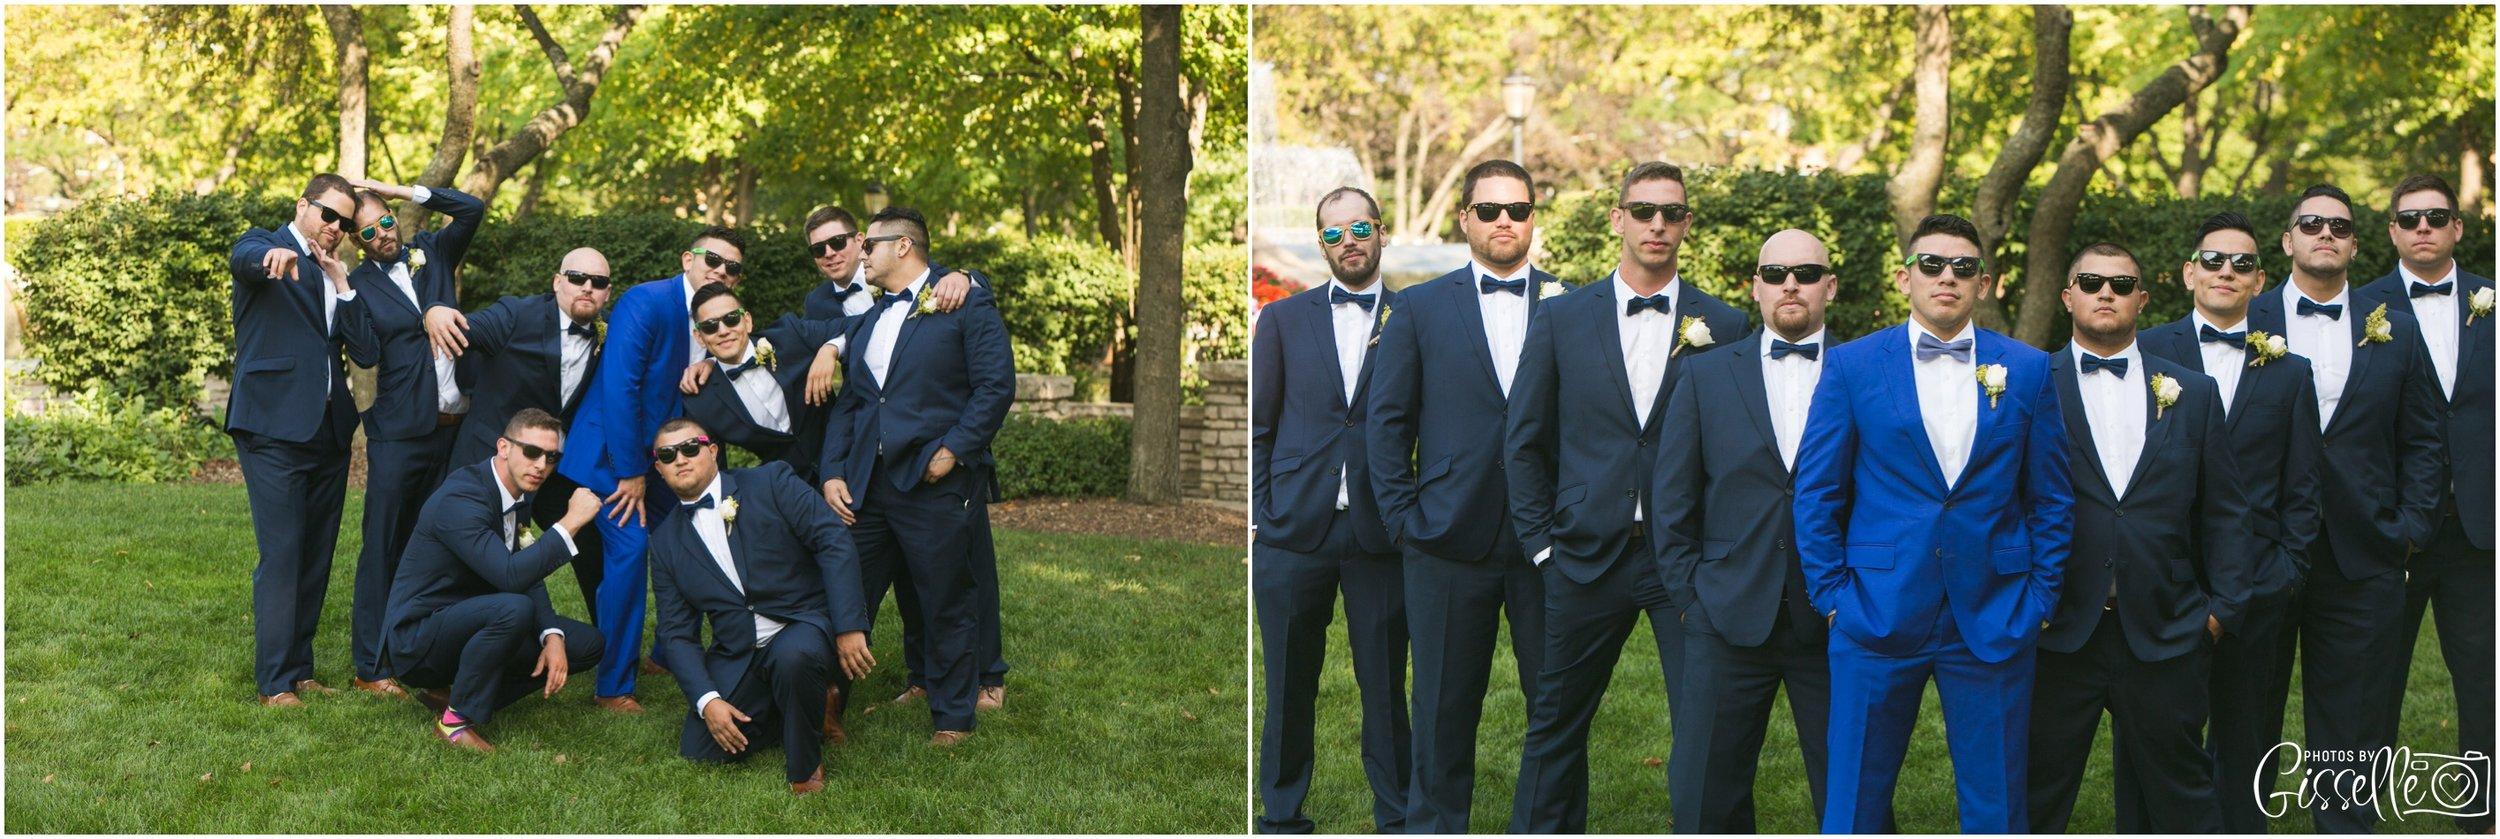 Astoria Banquets Wedding019.jpg